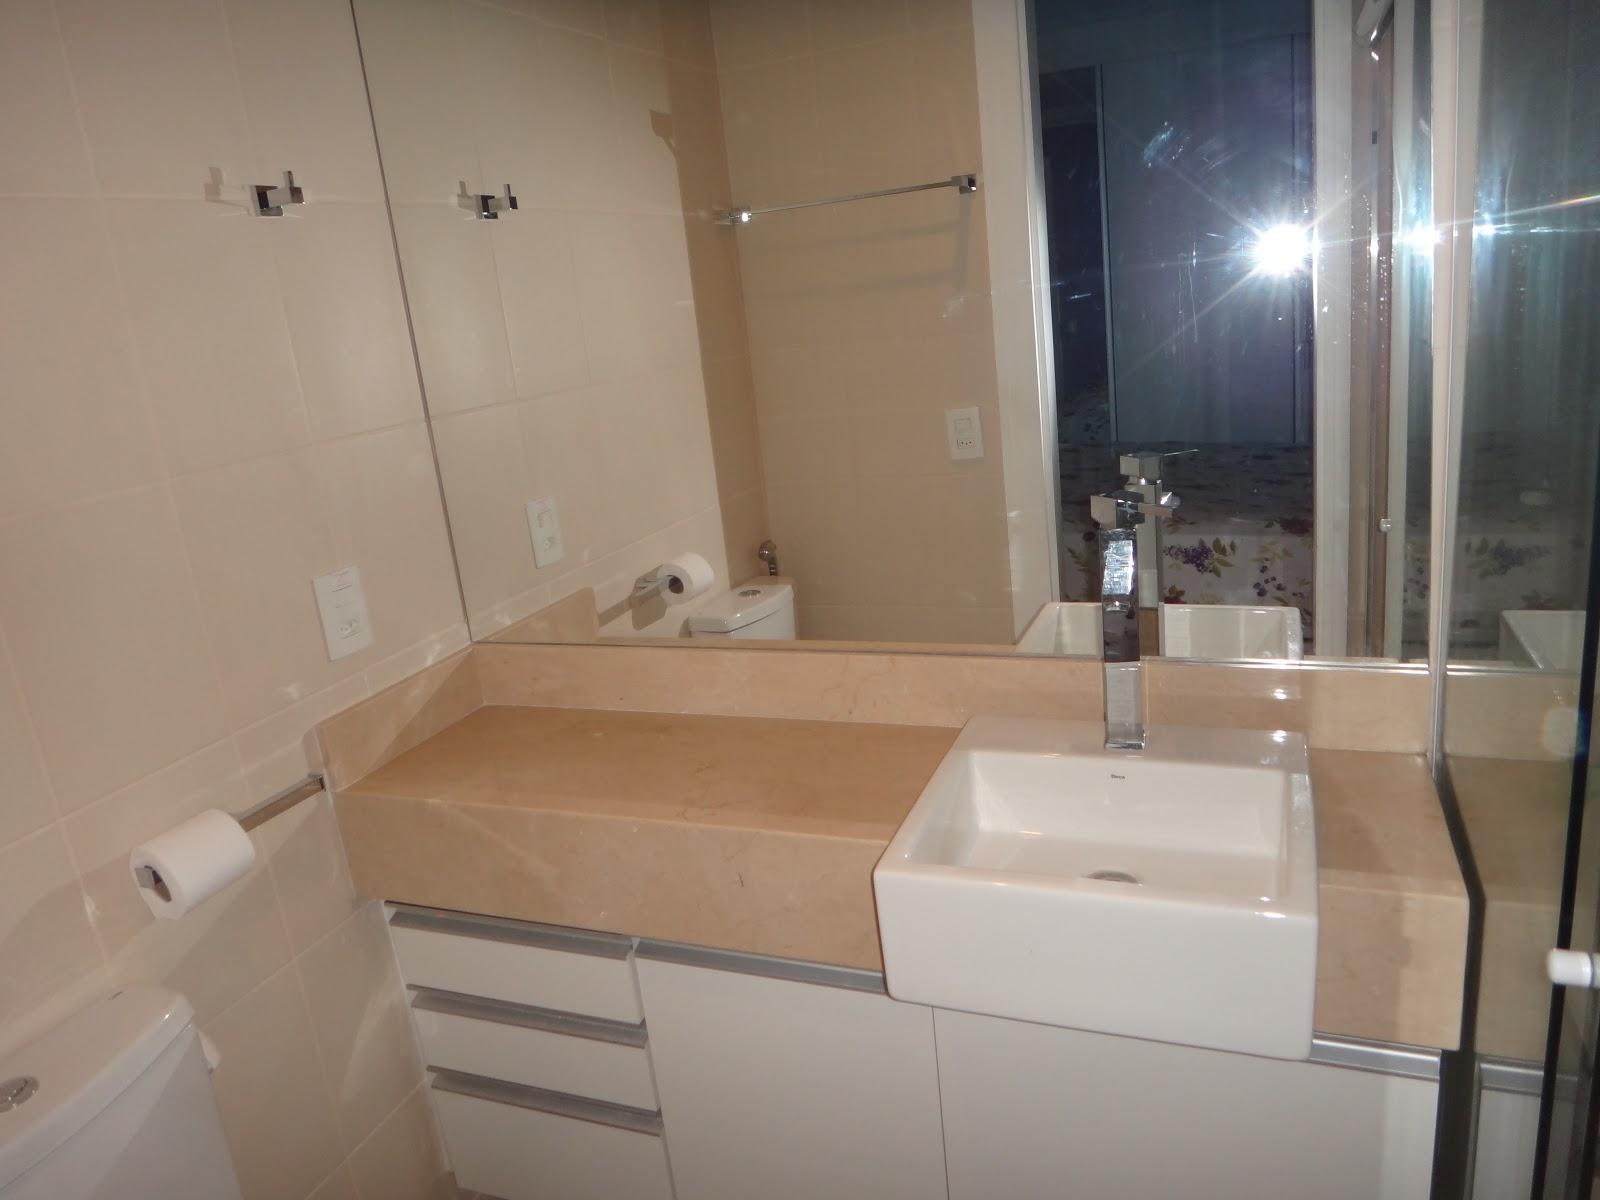 Armario de banheiro com pia e espelho – Loja cem moveis guarda roupa #7F654C 1600x1200 Armario Banheiro Coluna Pia